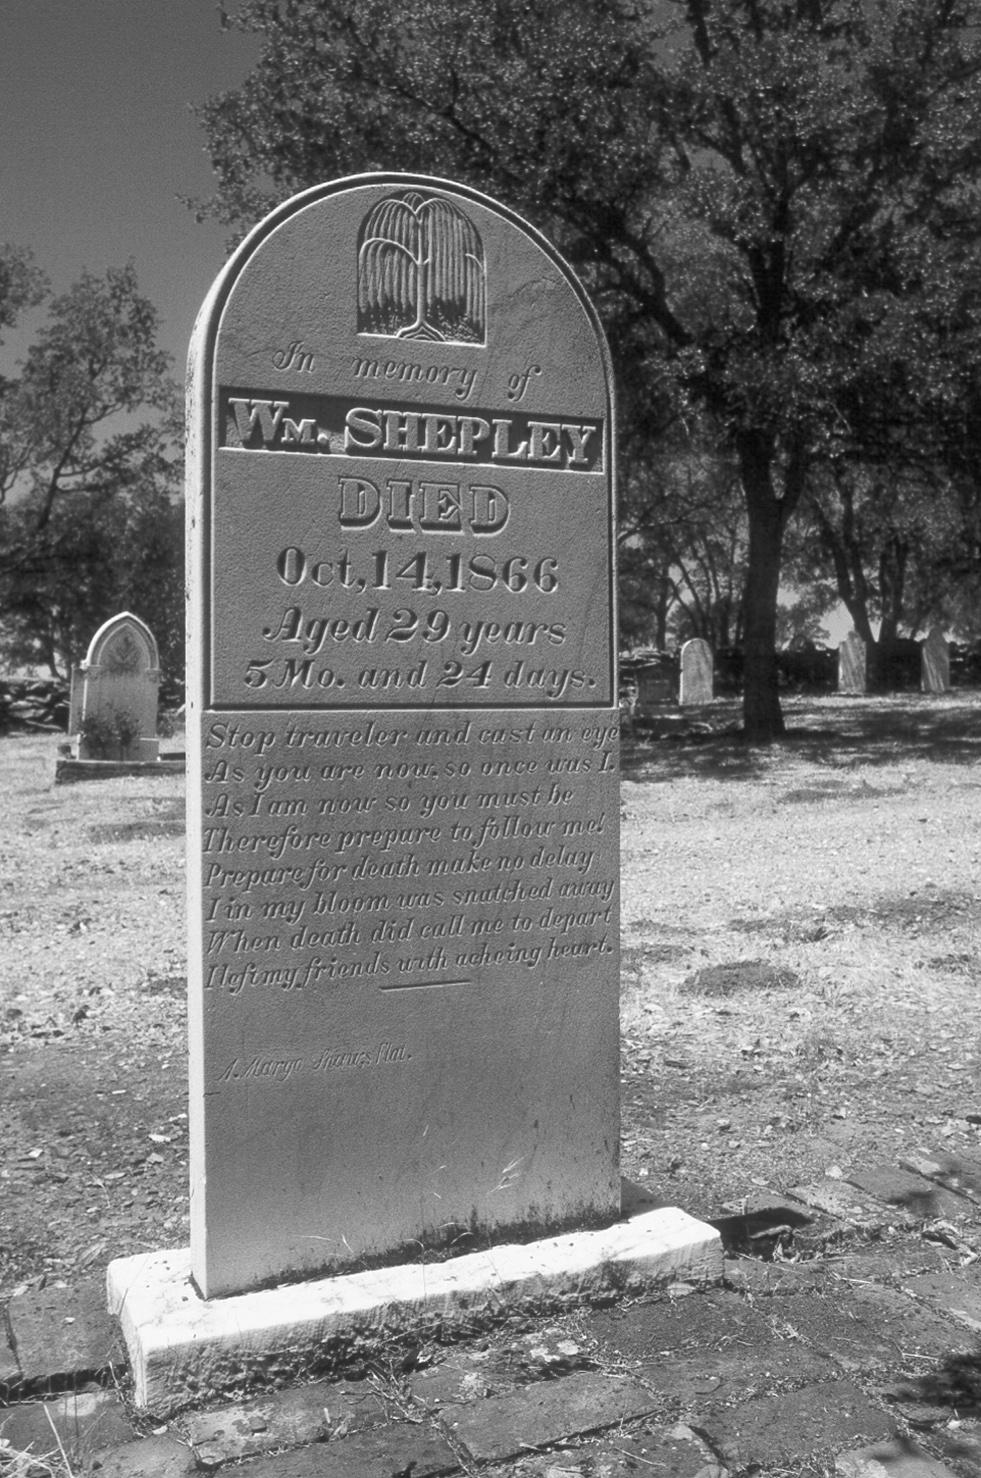 Copperopolis - Shepley Tombstone - B125.jpg